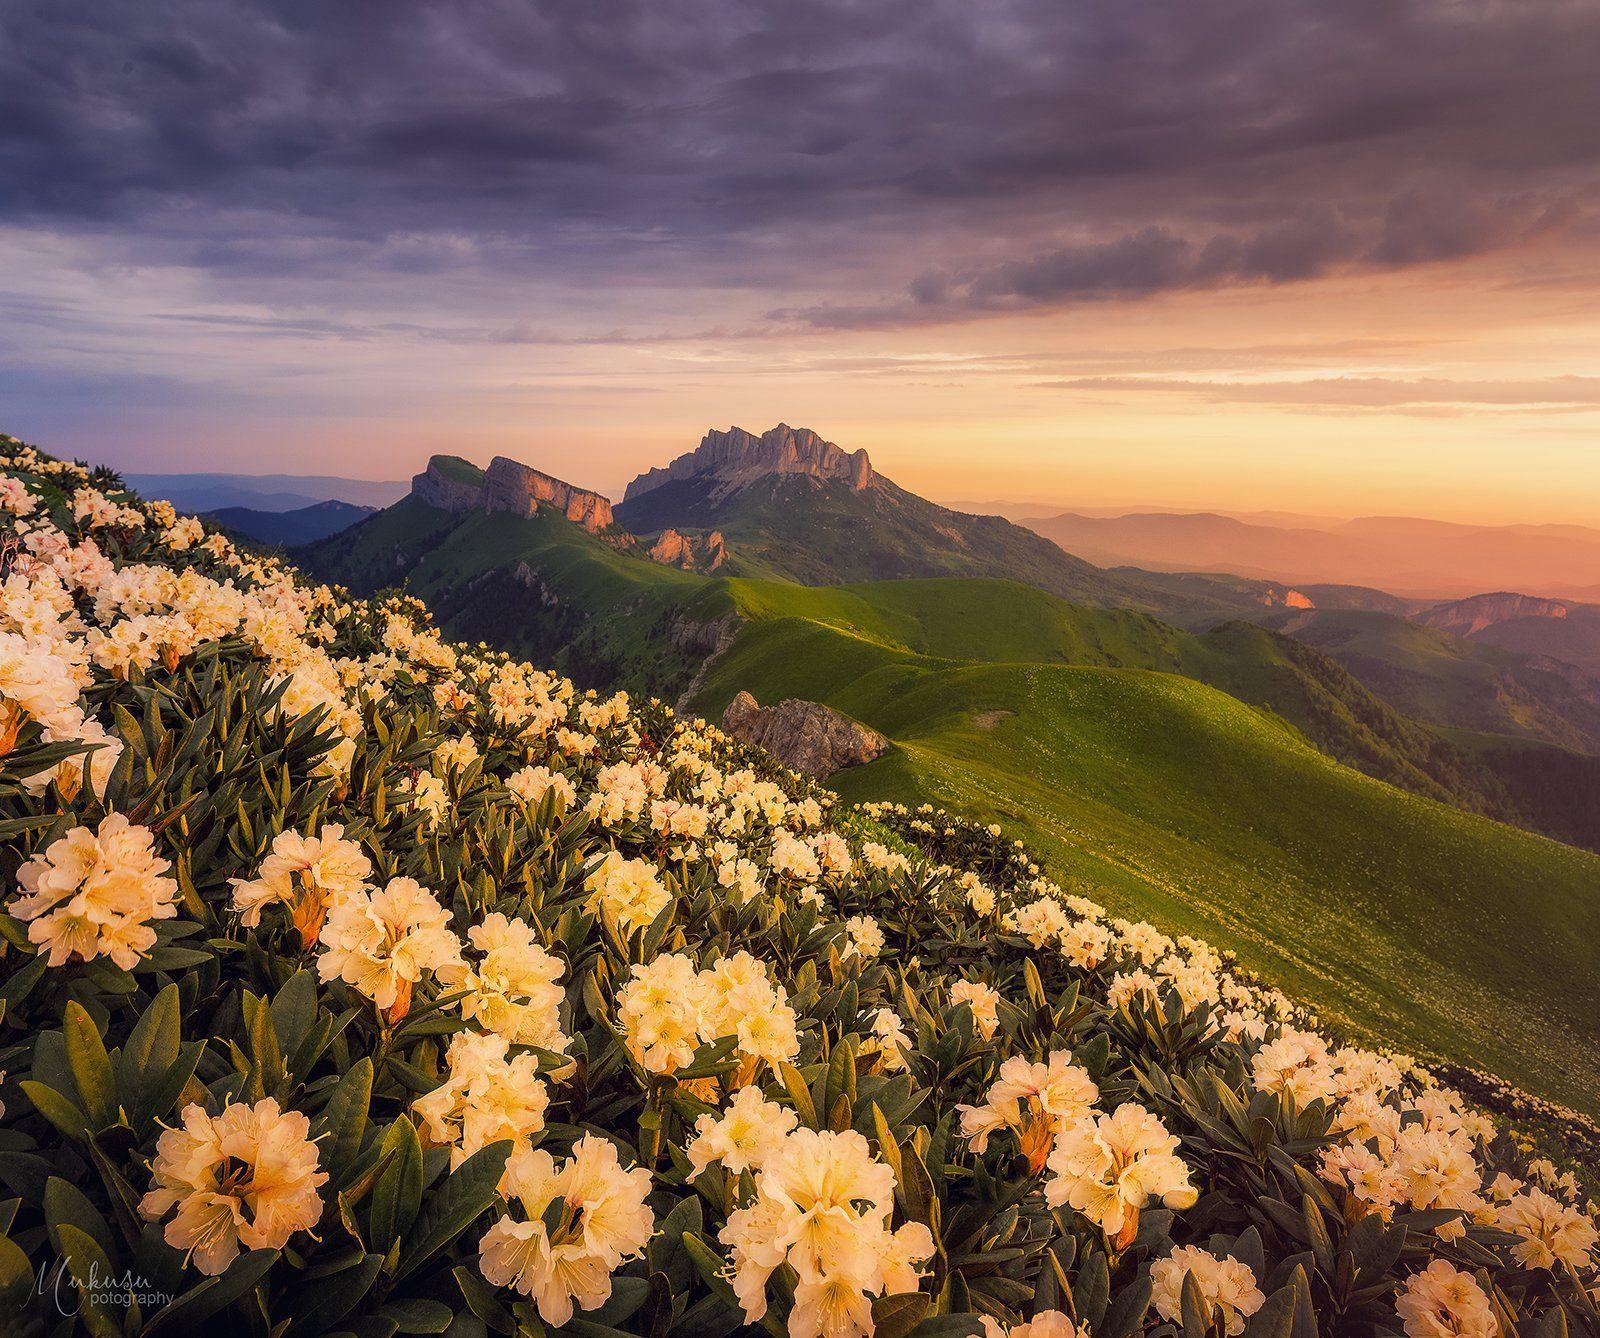 landscape, пейзаж, sunrise, адыгея,, Алексей Самойленко